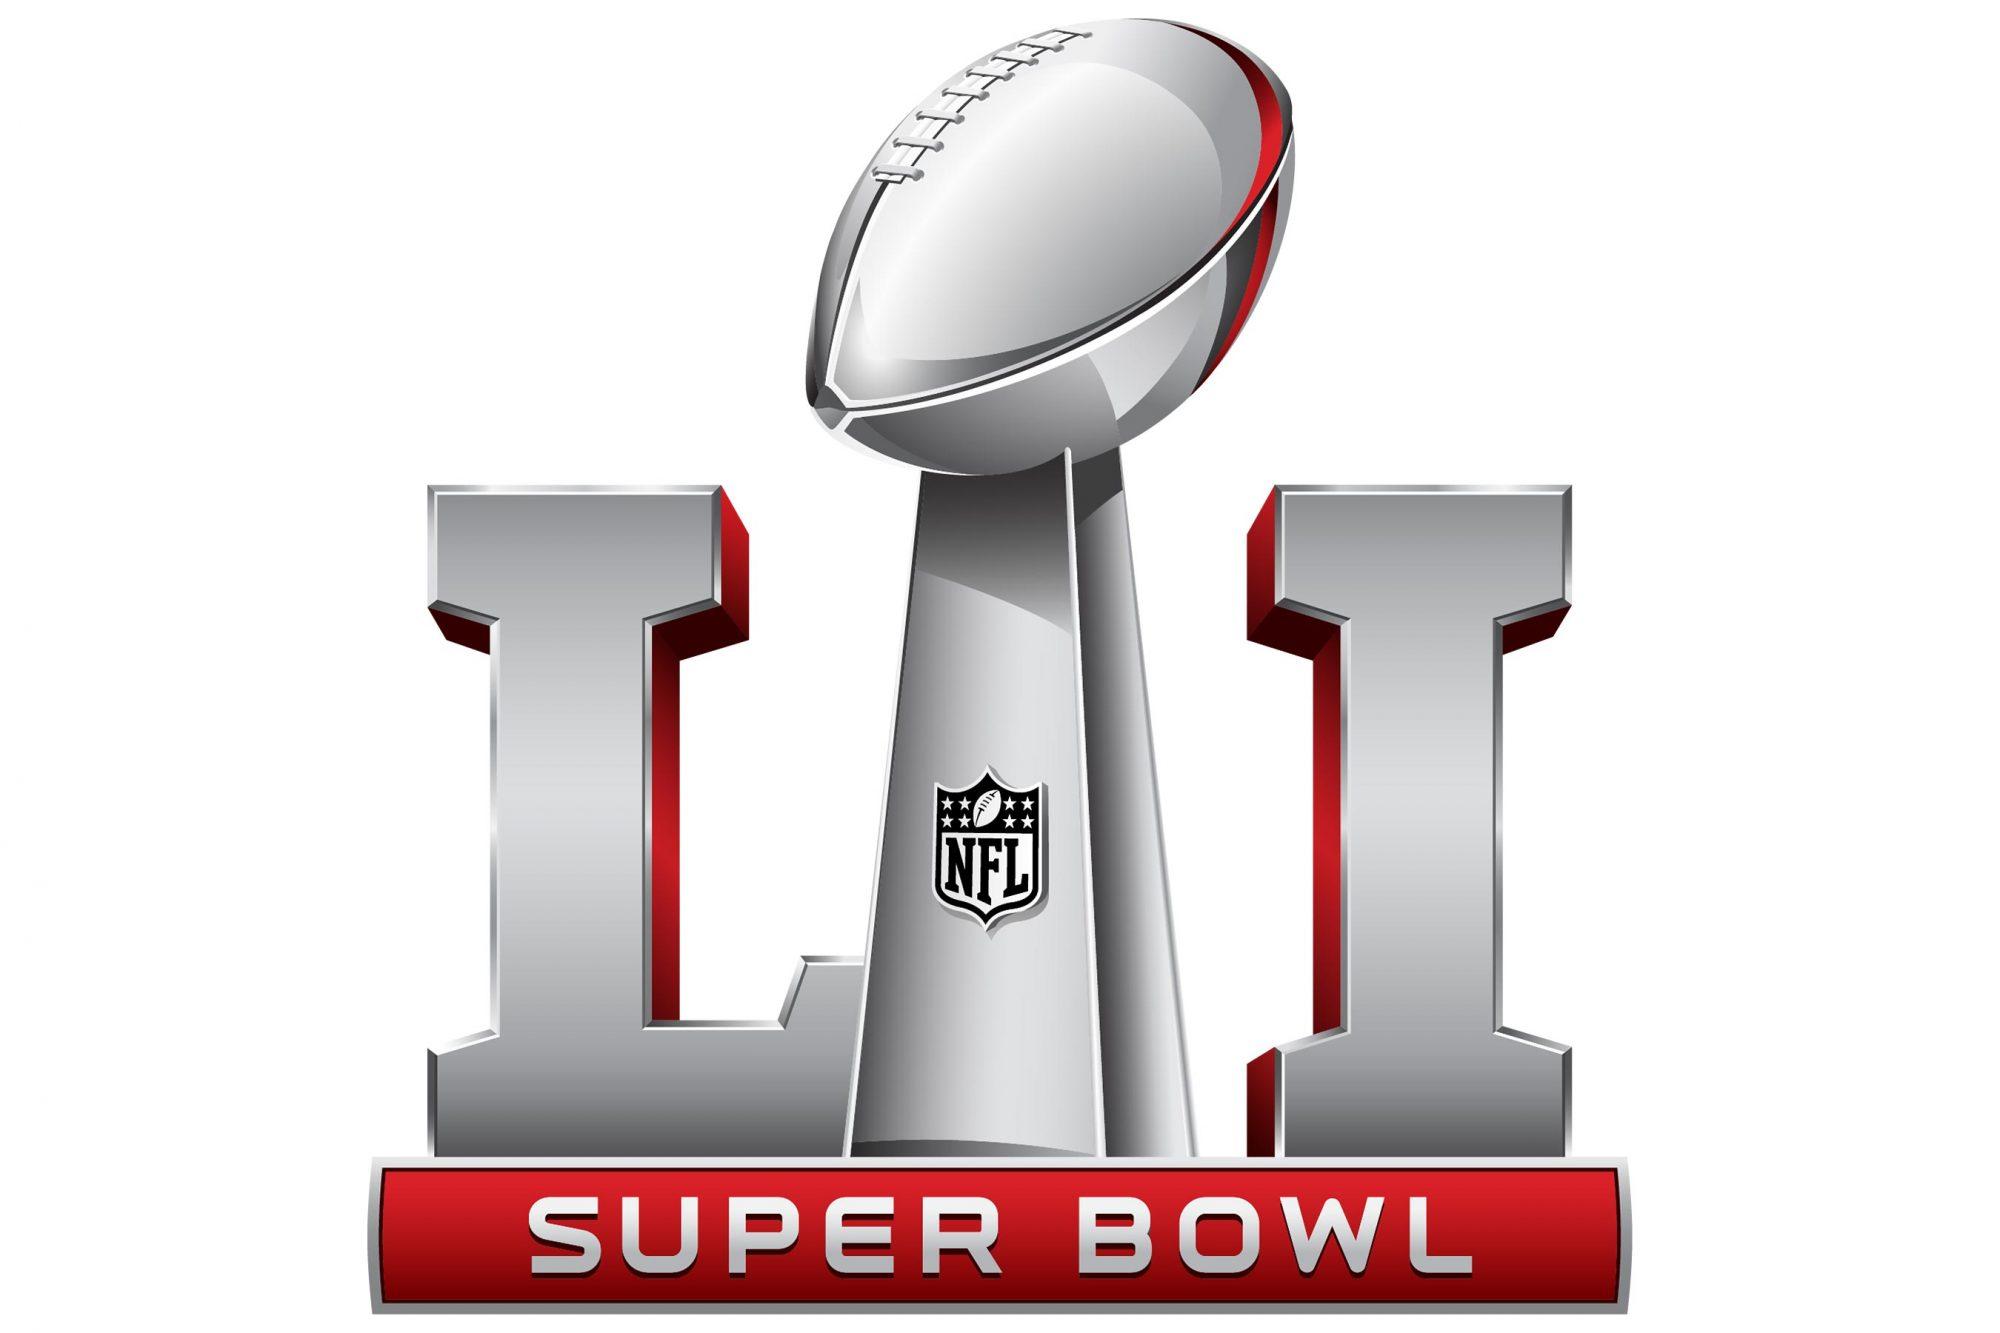 super-bowl-li-logo